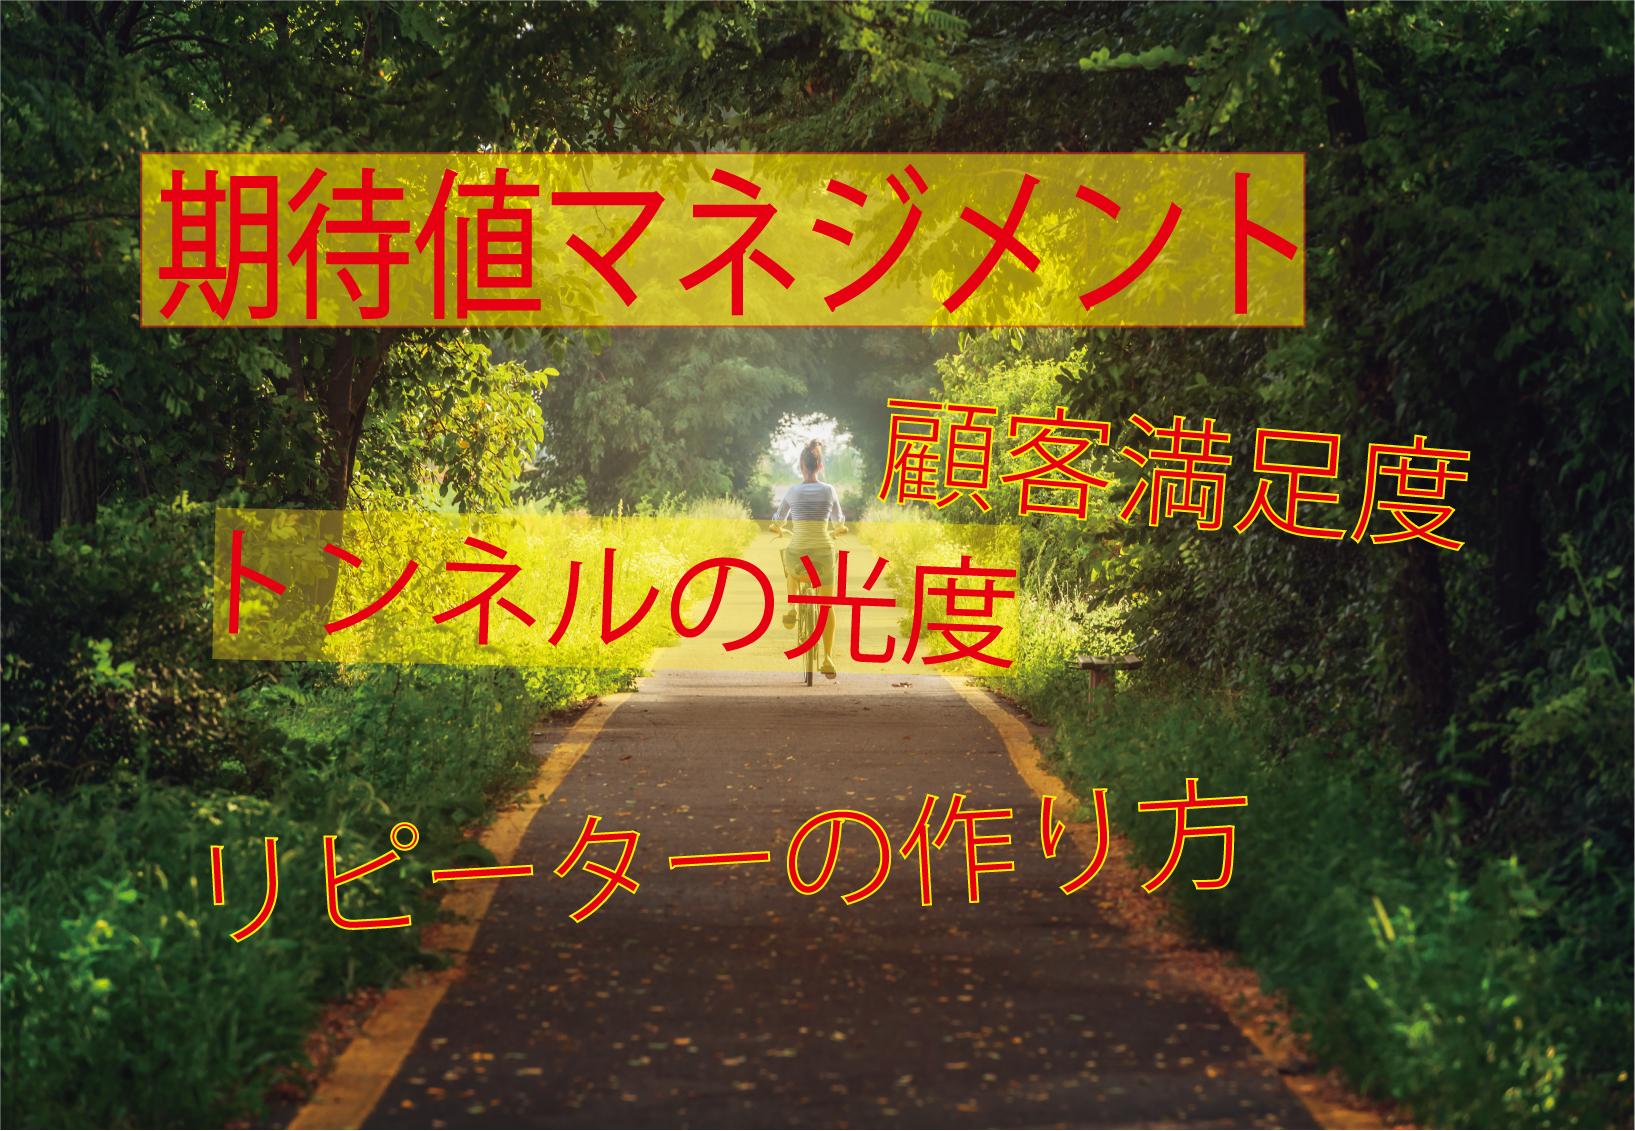 【リピーターの作り方】期待値マネジメント